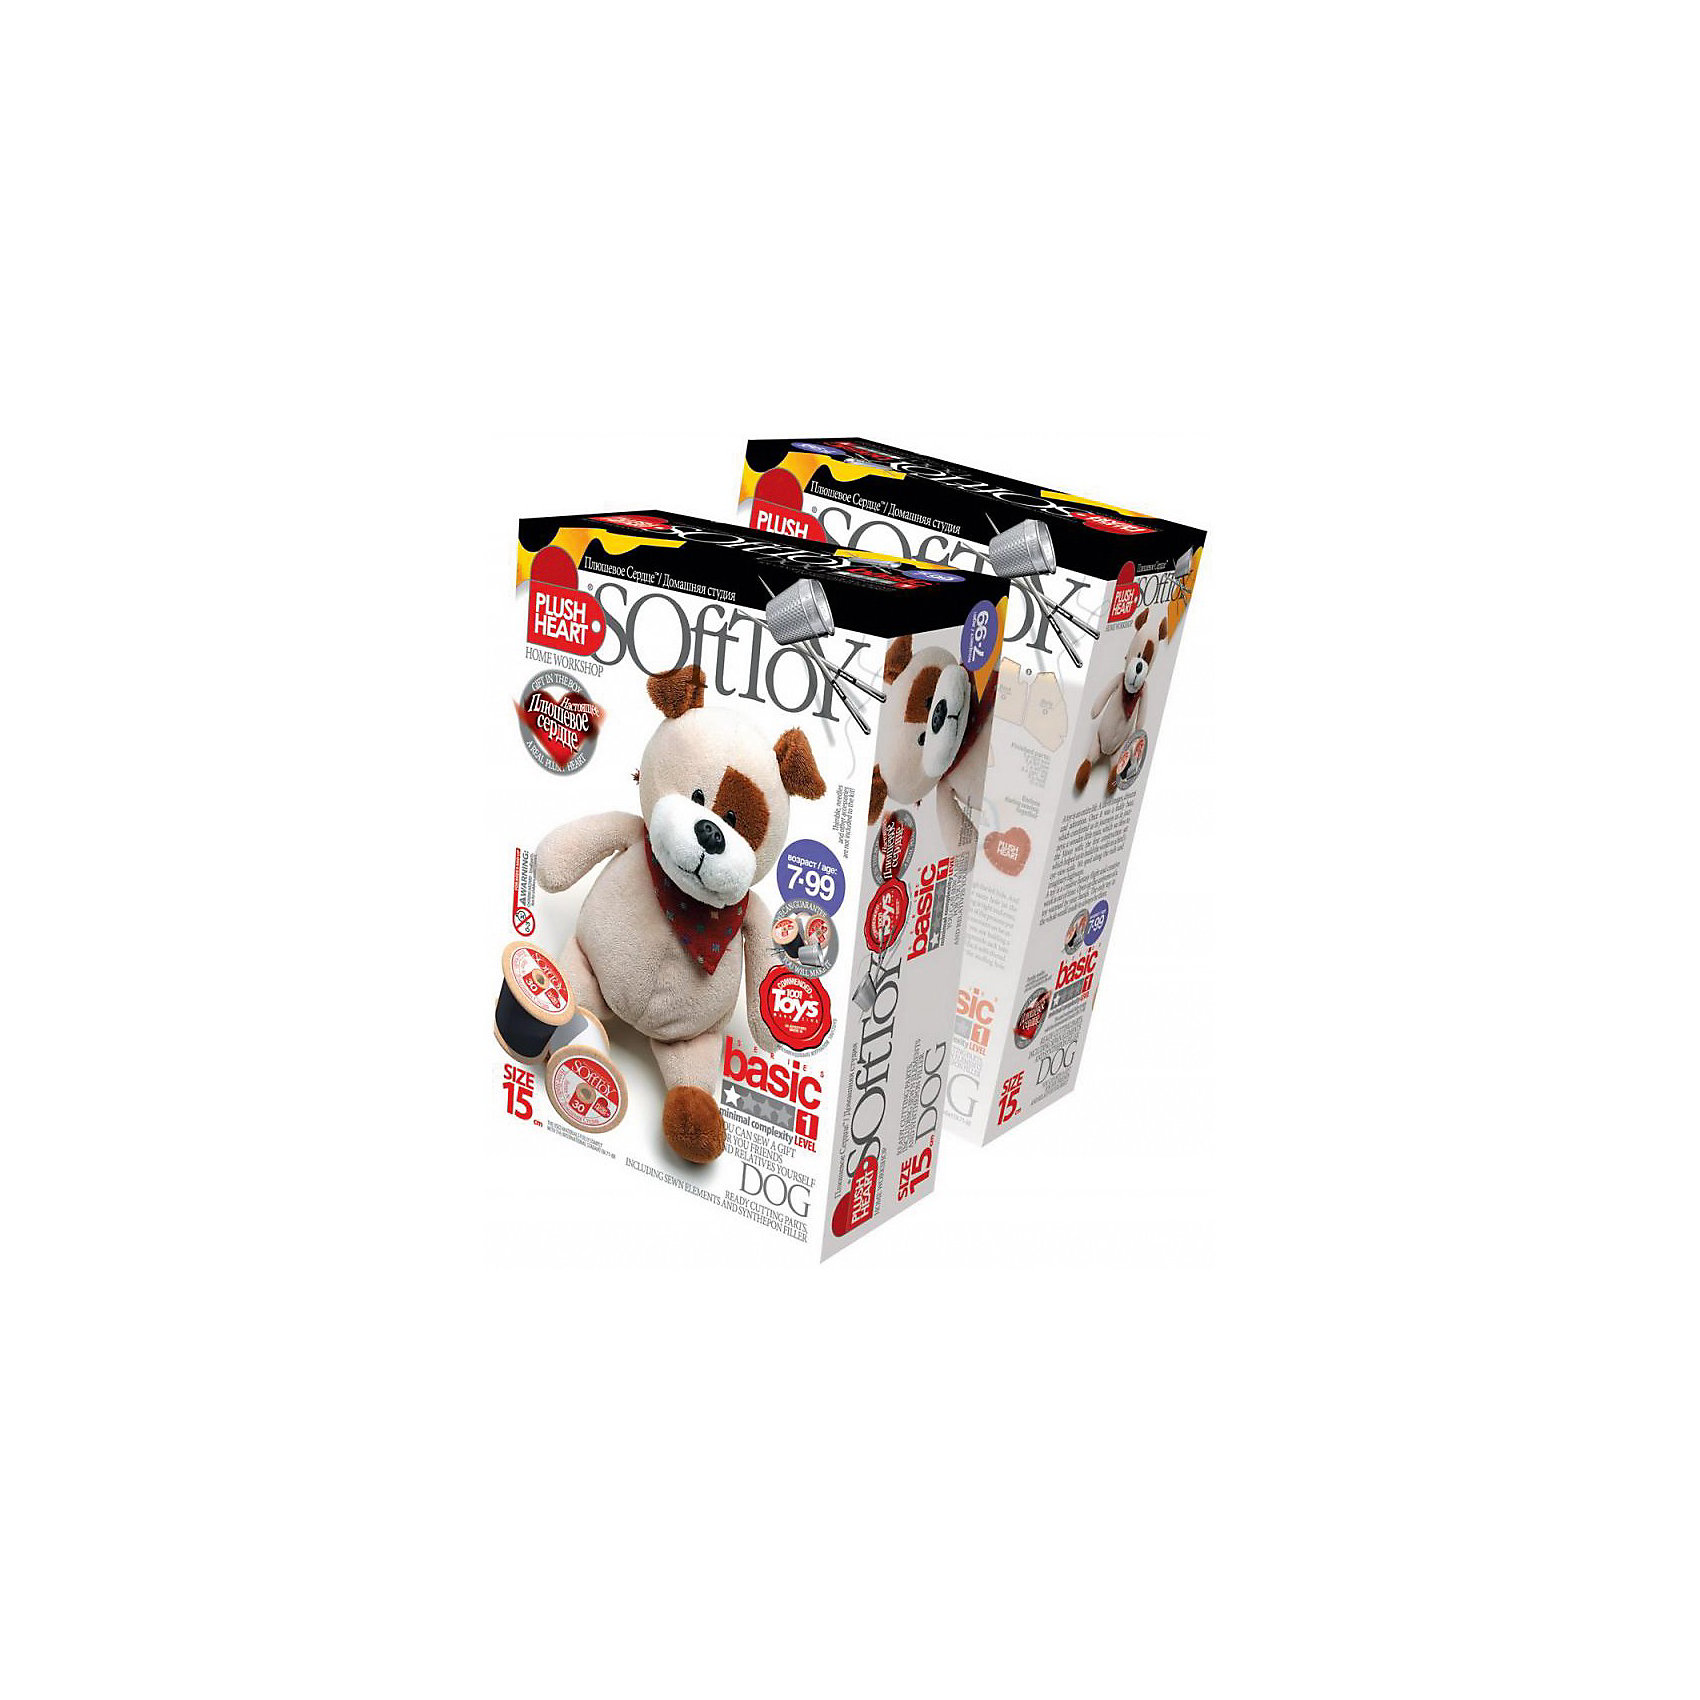 Собачка, Plush heartСобачка Plush heart, Фантазер - увлекательный набор для творчества, который позволит Вашему ребенку создать своими руками оригинальную мягкую игрушку. В комплекте Вы найдете все готовые детали кроя, которые надо сшить, согласно инструкции. Синтепоновая набивка и пластмассовые гранулы придадут игрушке объем и устойчивость, а плюшевое сердце оживит ее. Результатом творчества станет симпатичная милая собачка, которая обязательно порадует Вашего ребенка. В комплект также входит дополнительный аксессуар - бандана, которой можно украсить игрушку.<br><br>Дополнительная информация:<br><br>- В комплекте: пошитая голова игрушки, руки и ноги, детали кроя туловища, синтепоновая набивка, капроновый мешочек с полигранулами и Плюшевое сердце.<br>- Материал: 100% полиэстер.<br>- Размер готовой игрушки: 15 см.<br>- Размер упаковки: 15 х 22,5 х 7 см. <br>- Вес: 0,2 кг.<br><br>Набор для творчества Собачка, Plush heart, Фантазер можно купить в нашем интернет-магазине.<br><br>Ширина мм: 225<br>Глубина мм: 70<br>Высота мм: 150<br>Вес г: 120<br>Возраст от месяцев: 72<br>Возраст до месяцев: 120<br>Пол: Унисекс<br>Возраст: Детский<br>SKU: 3759830